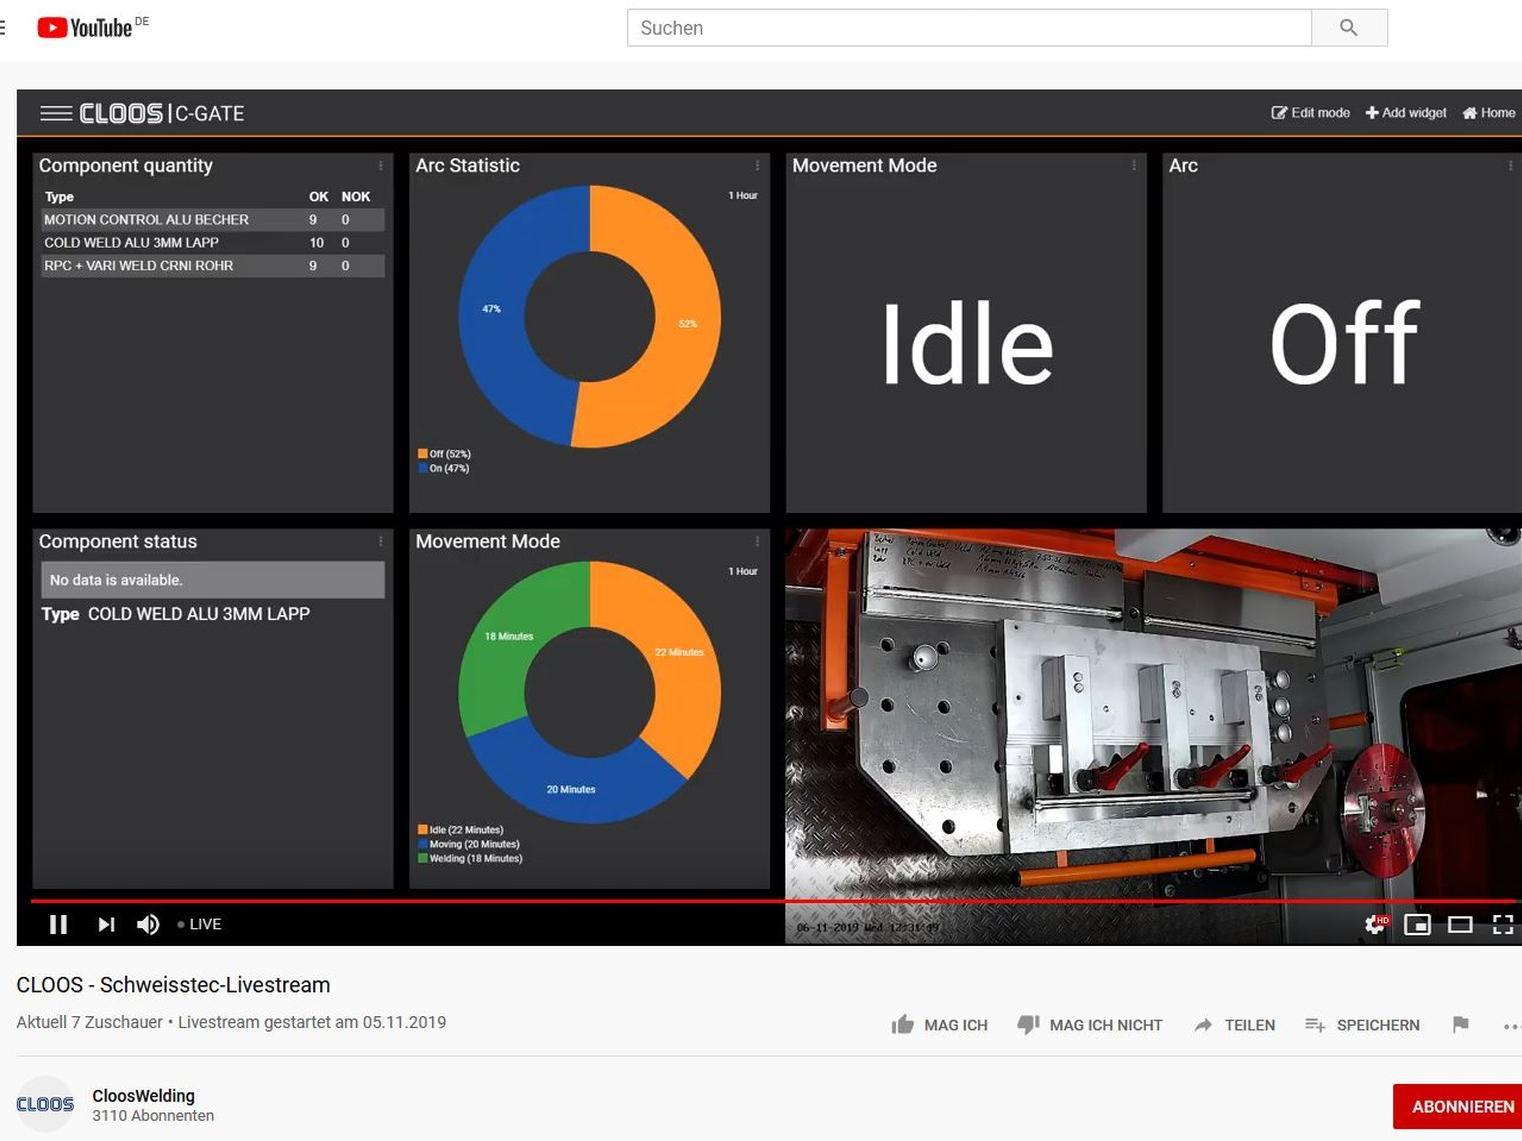 Cloos: Website bietet einen Live-Stream zur Roboteranlage mit dem C-Gate auf dem Schweisstec-Messestand